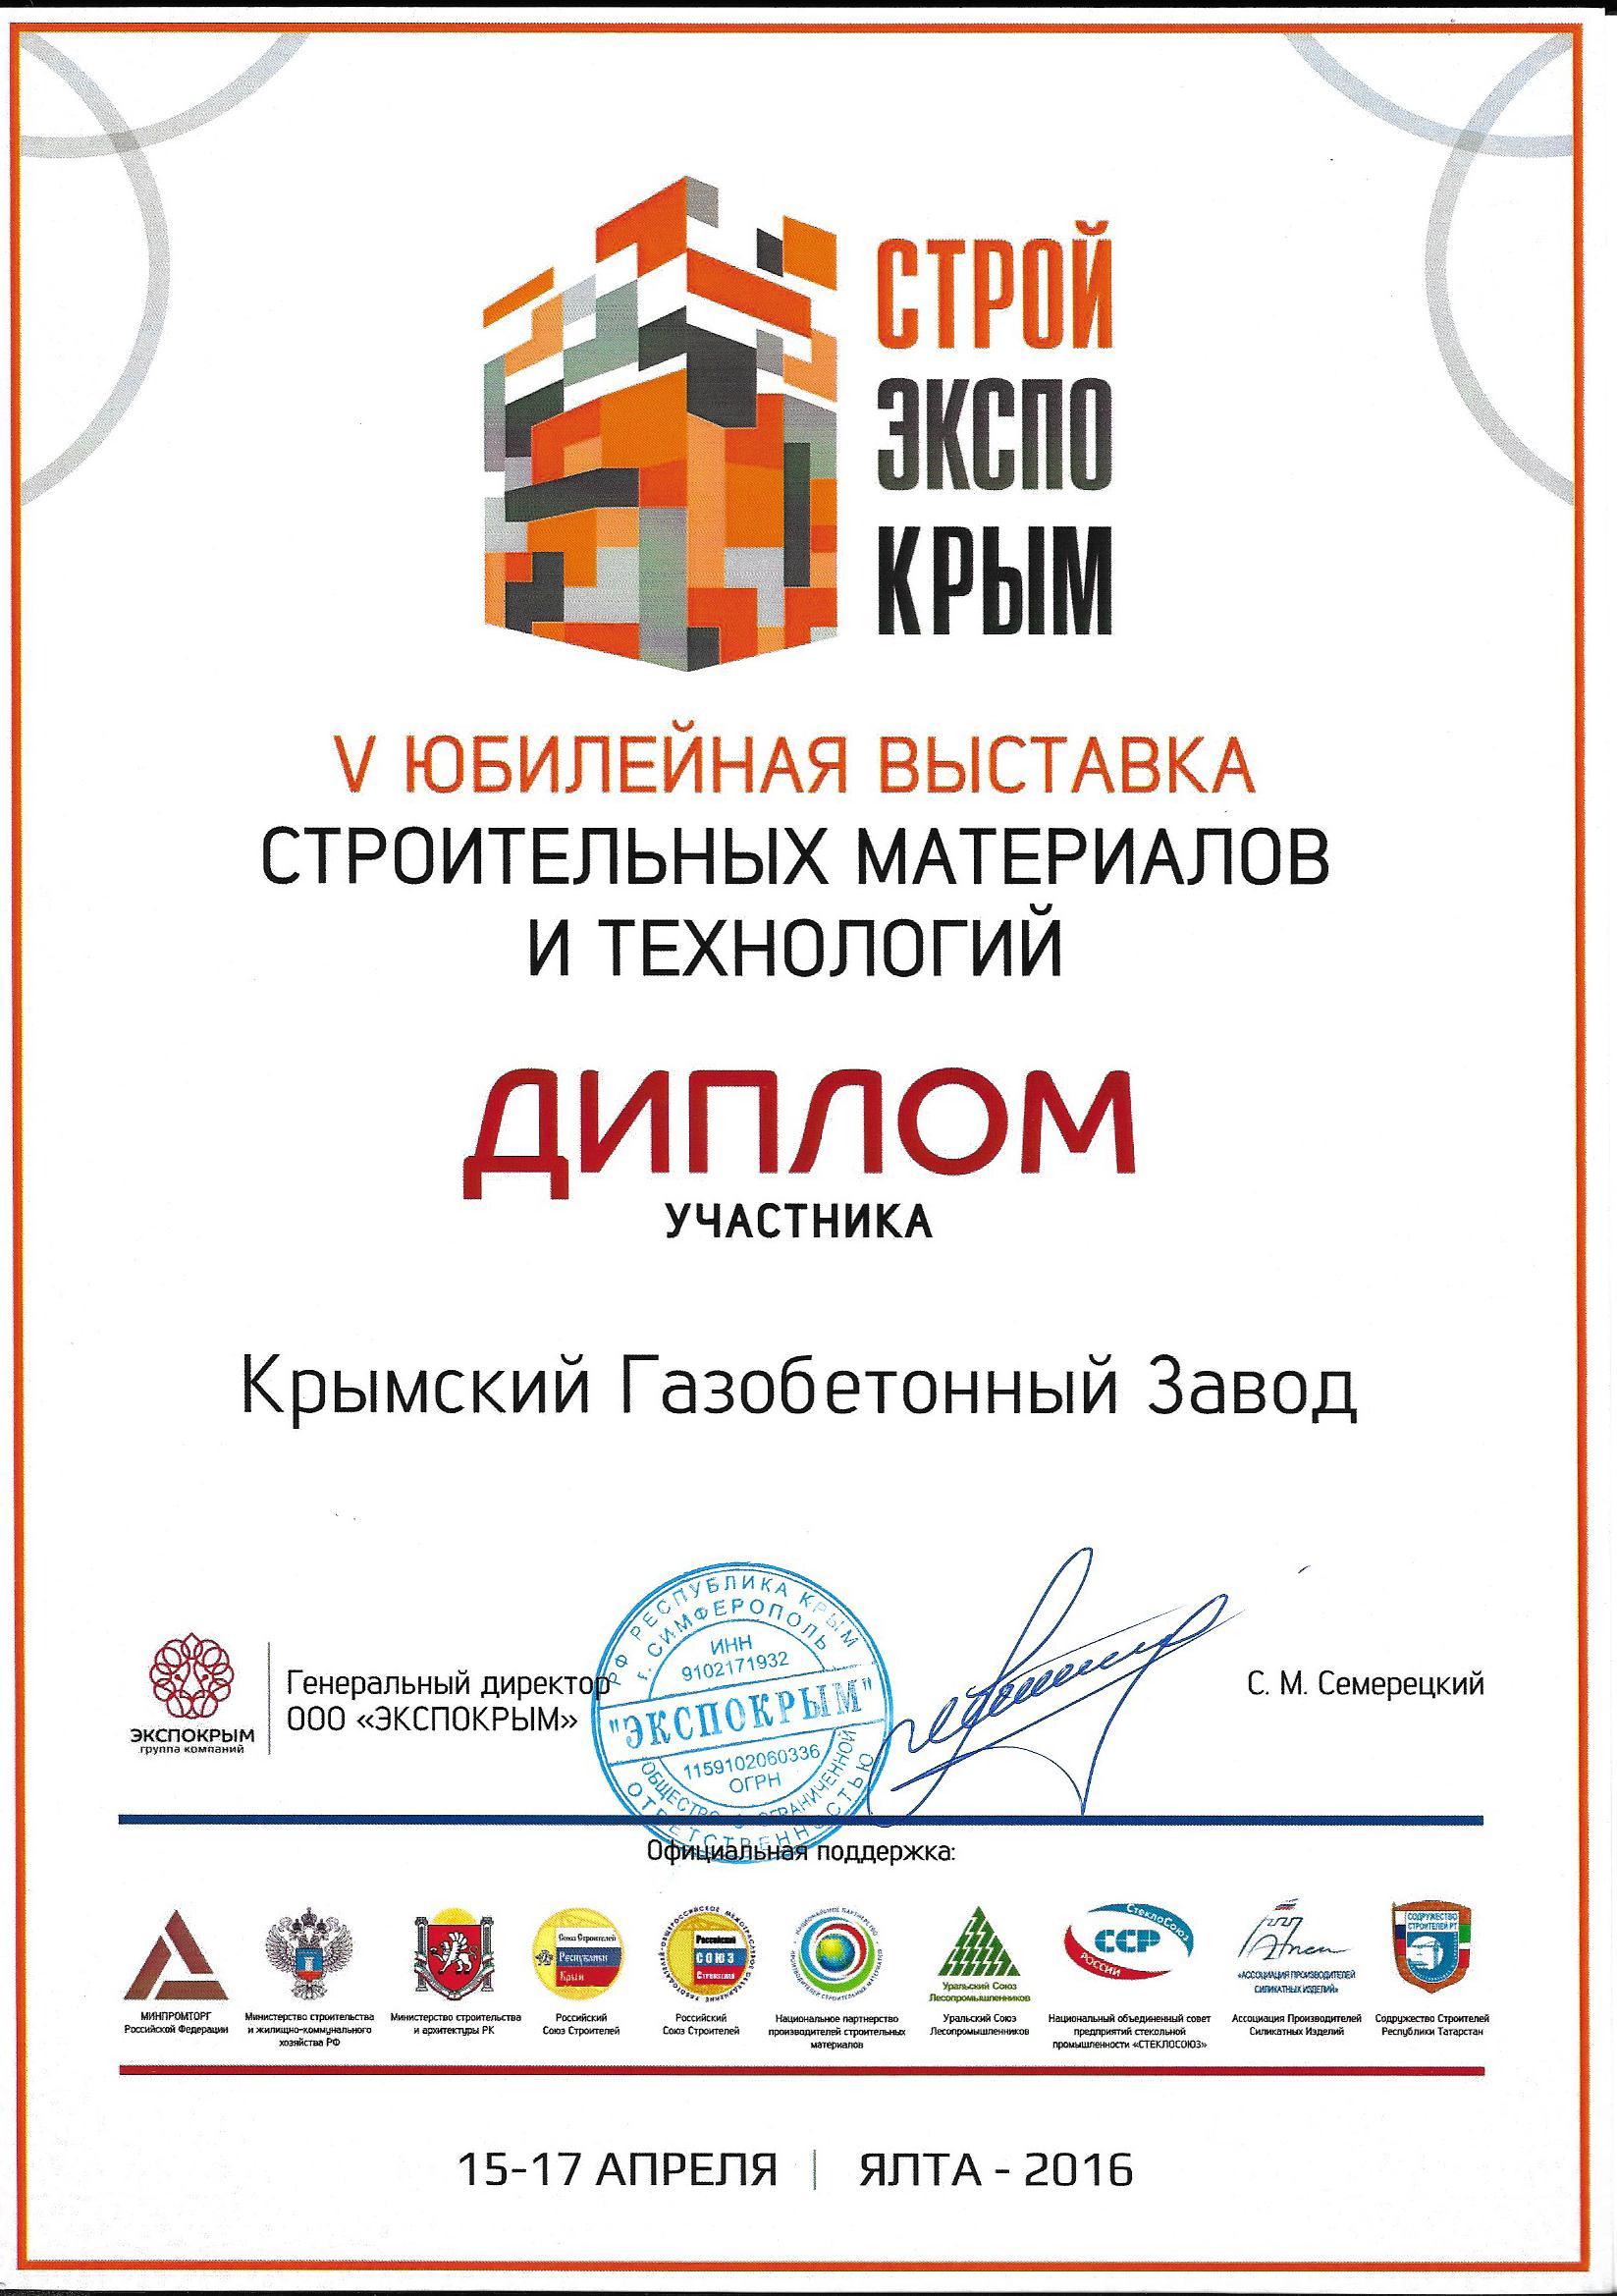 Диплом участника Экспо Крым